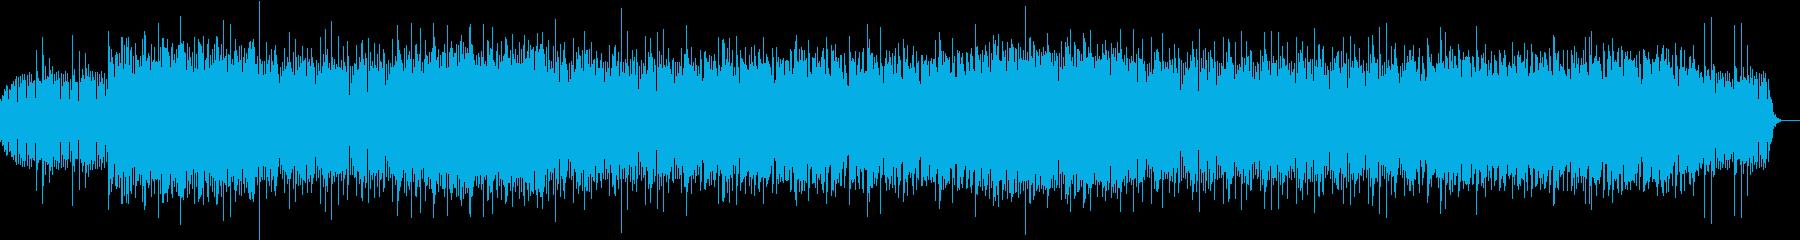 和風でエスニックなエレクトロの再生済みの波形